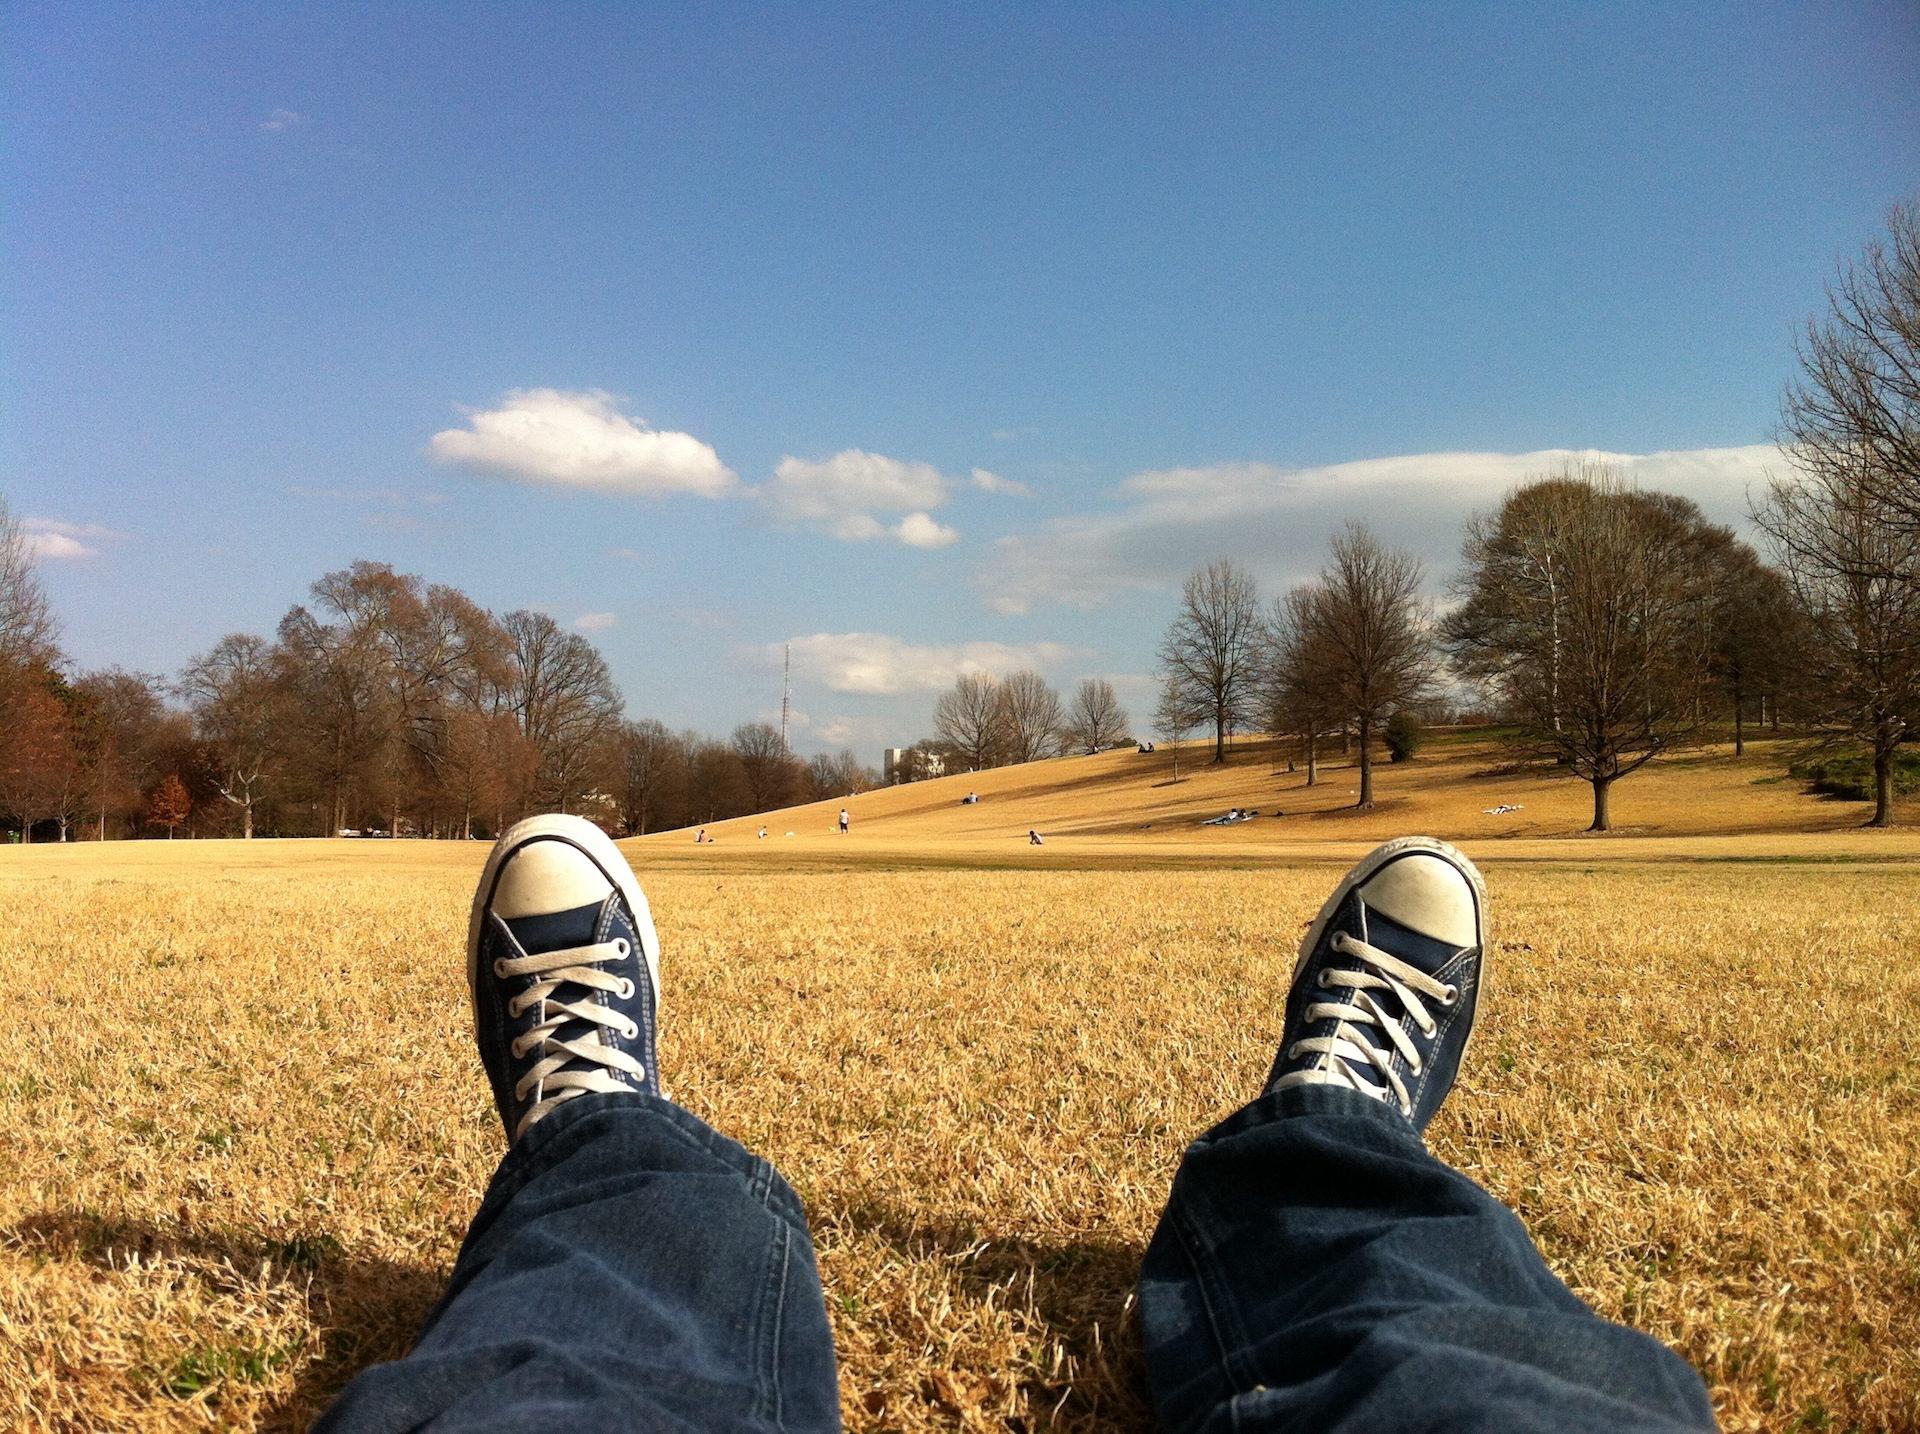 Обувь, Отдых, Парк, трава, сухие - Обои HD - Профессор falken.com